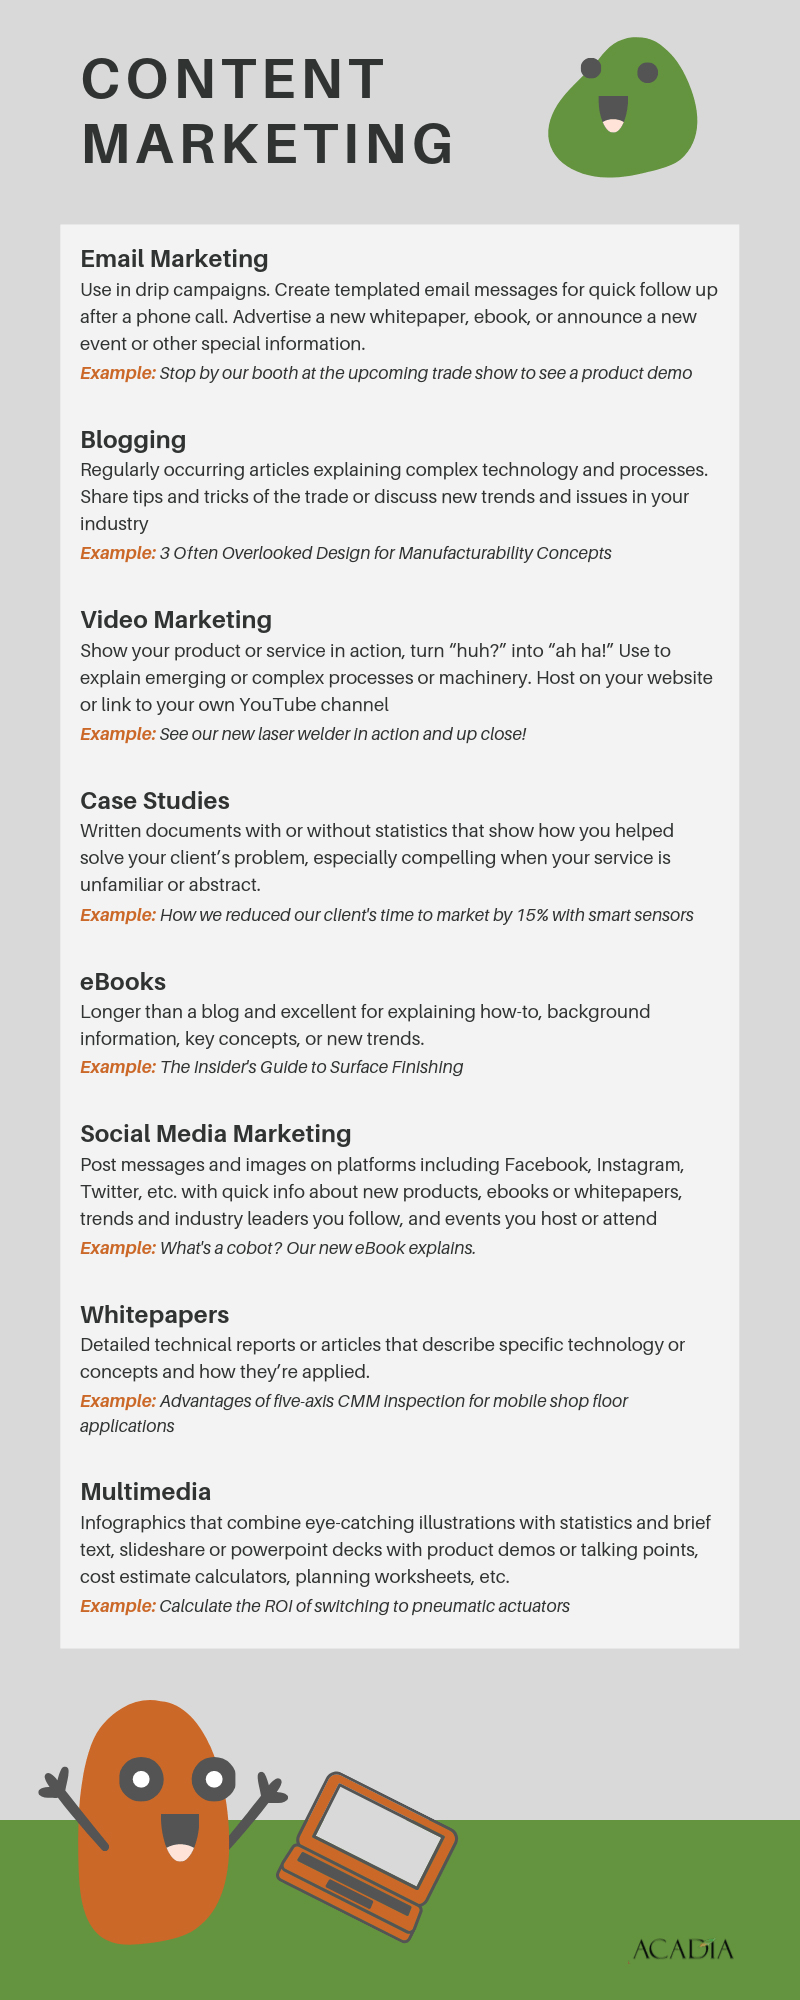 Content Marketing Tactics (1) fixed